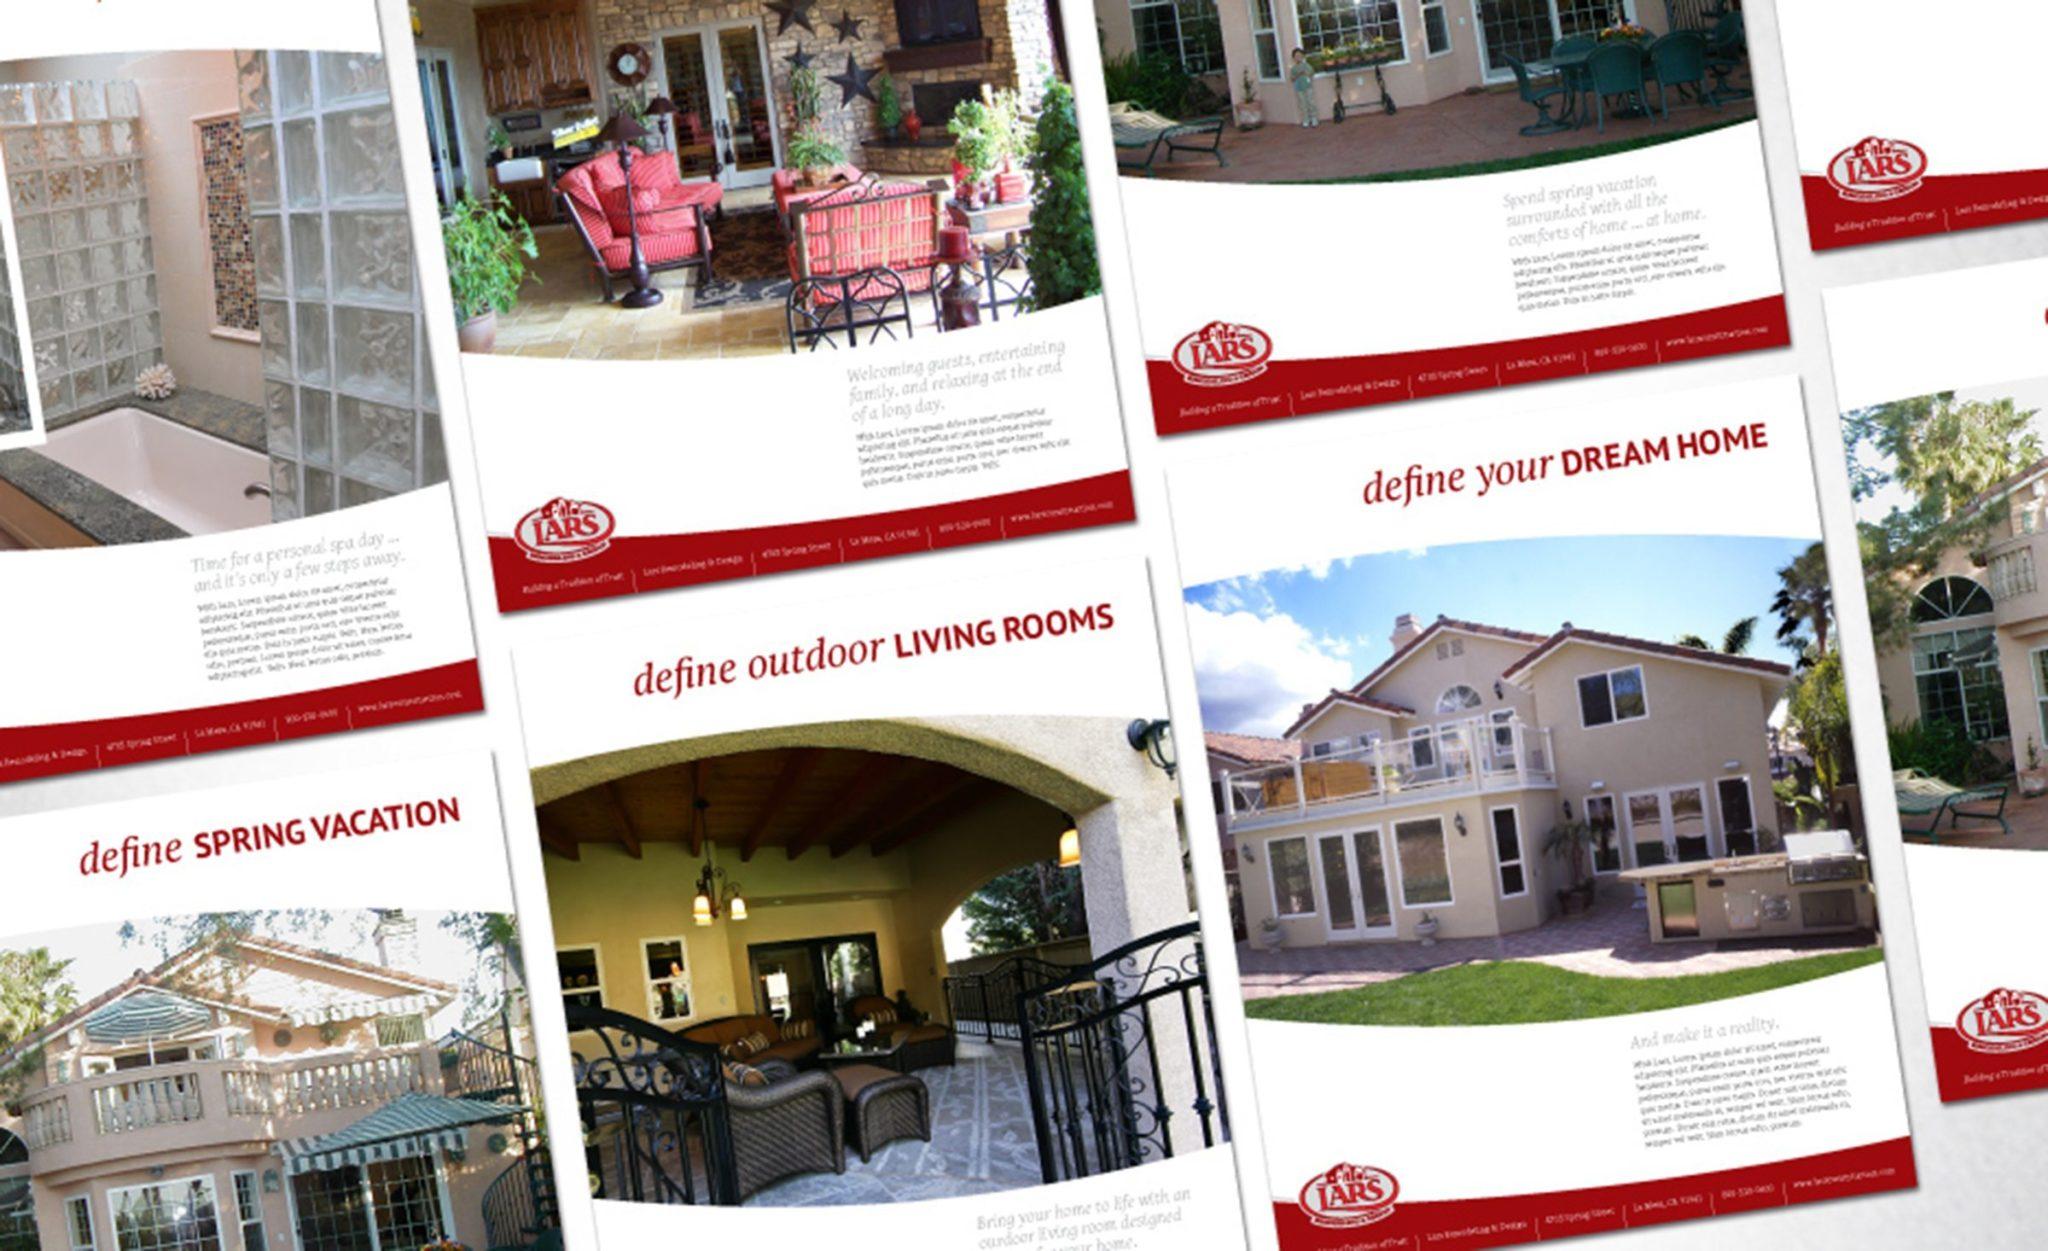 Print ad design for Lars Remodeling & Design.